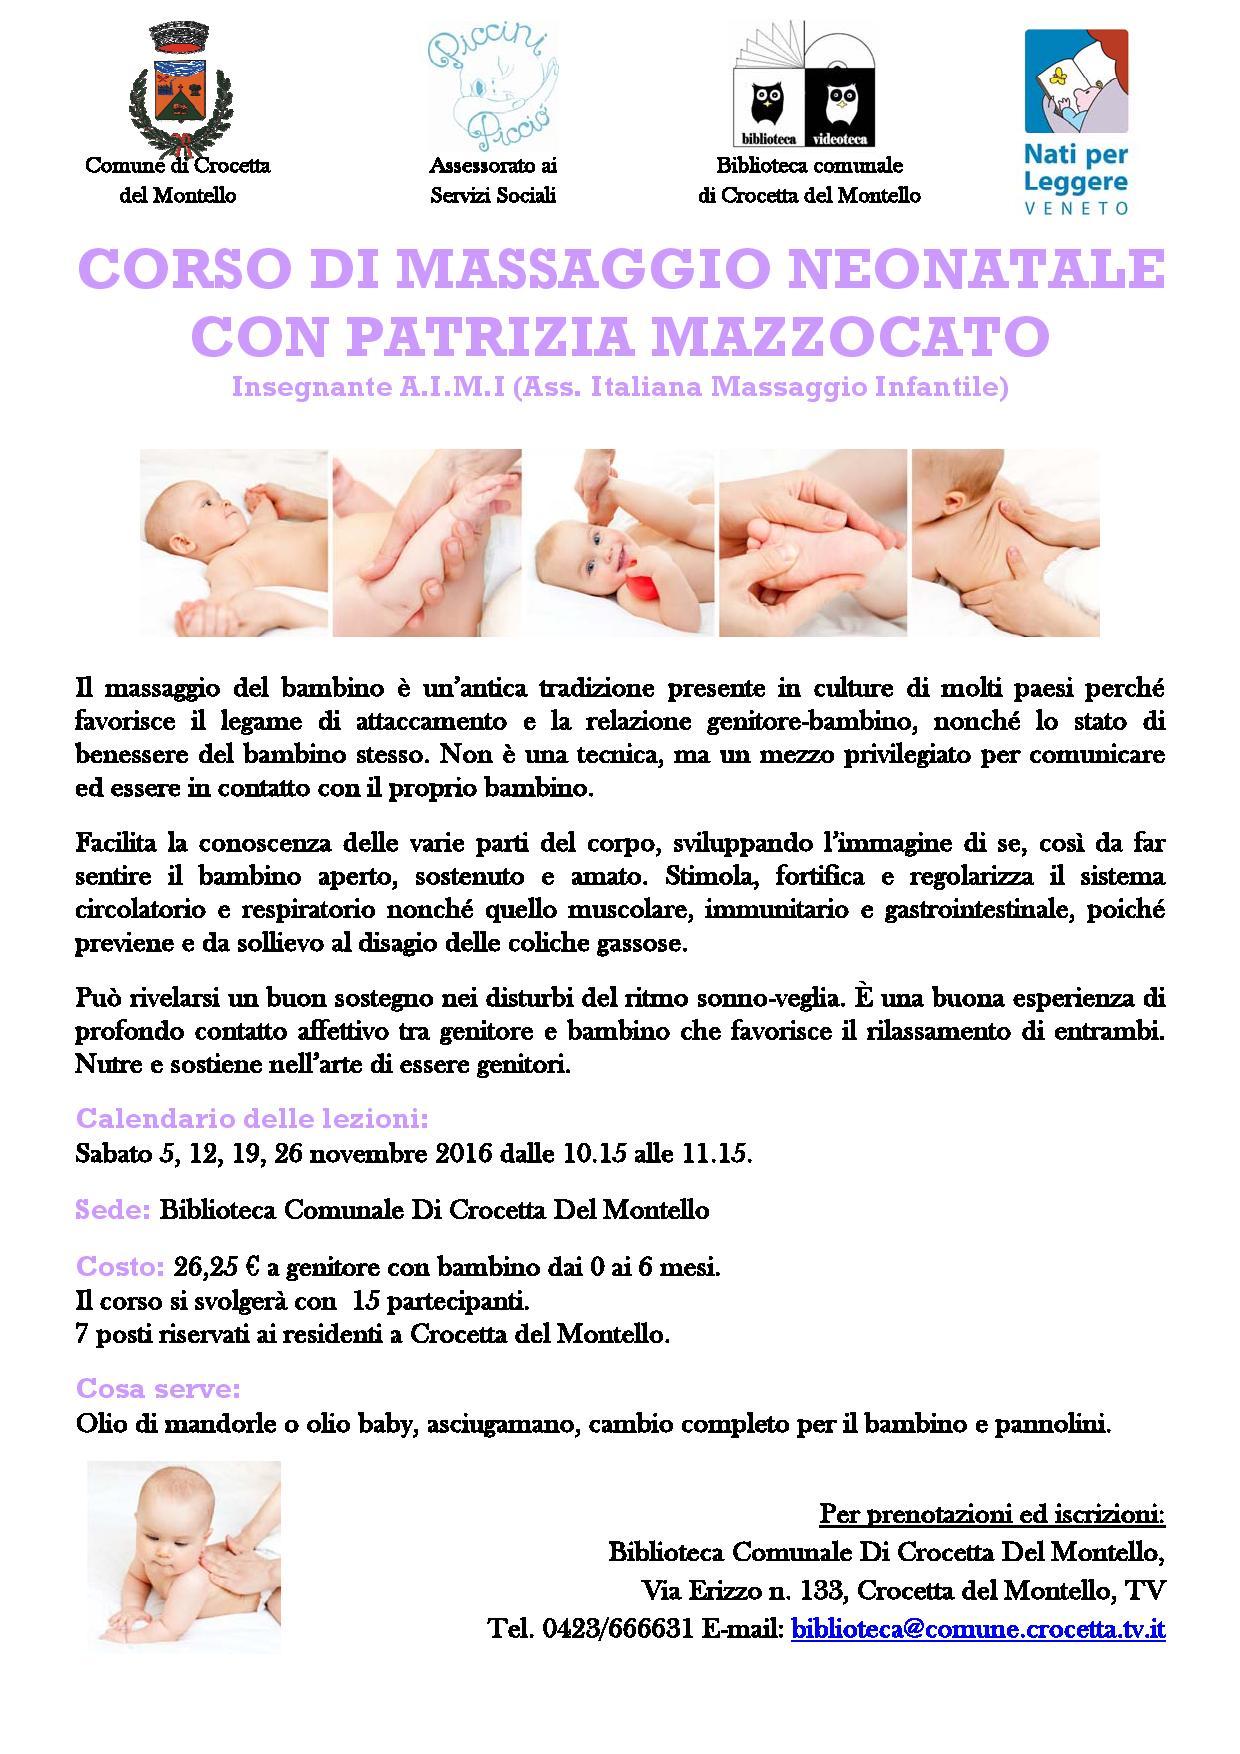 Massaggio neonatale con Patrizia Mazzocato NOVEMBRE 2016 2